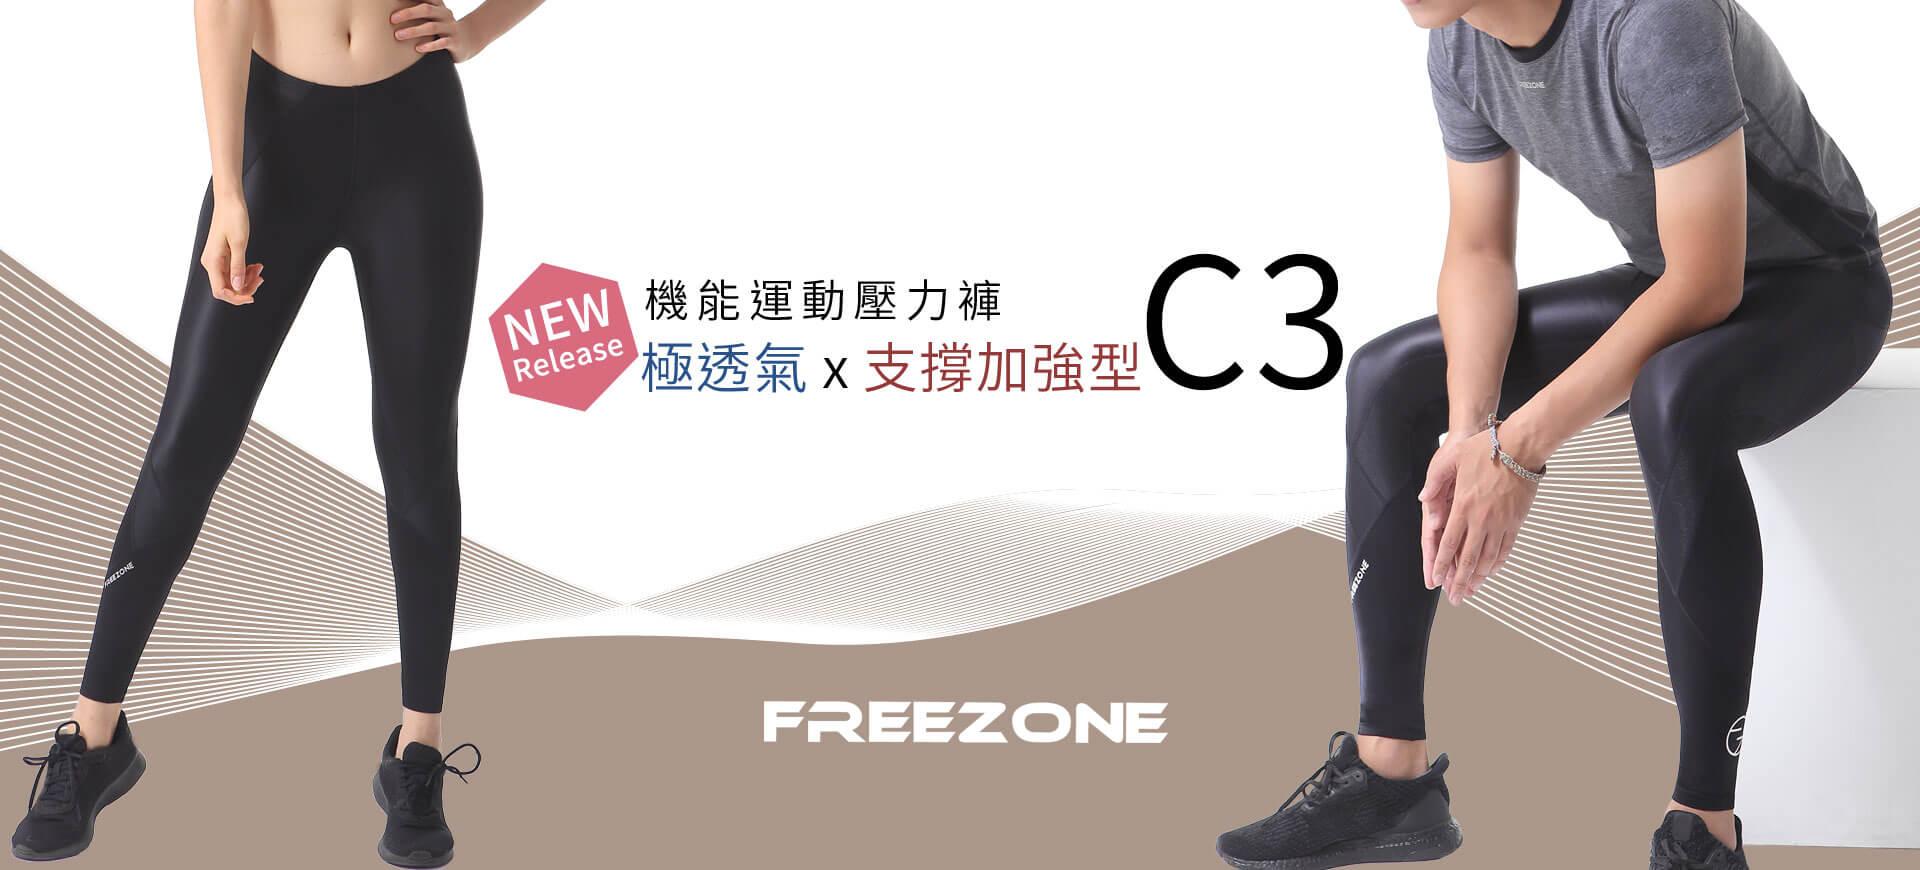 新品壓力褲C3系列